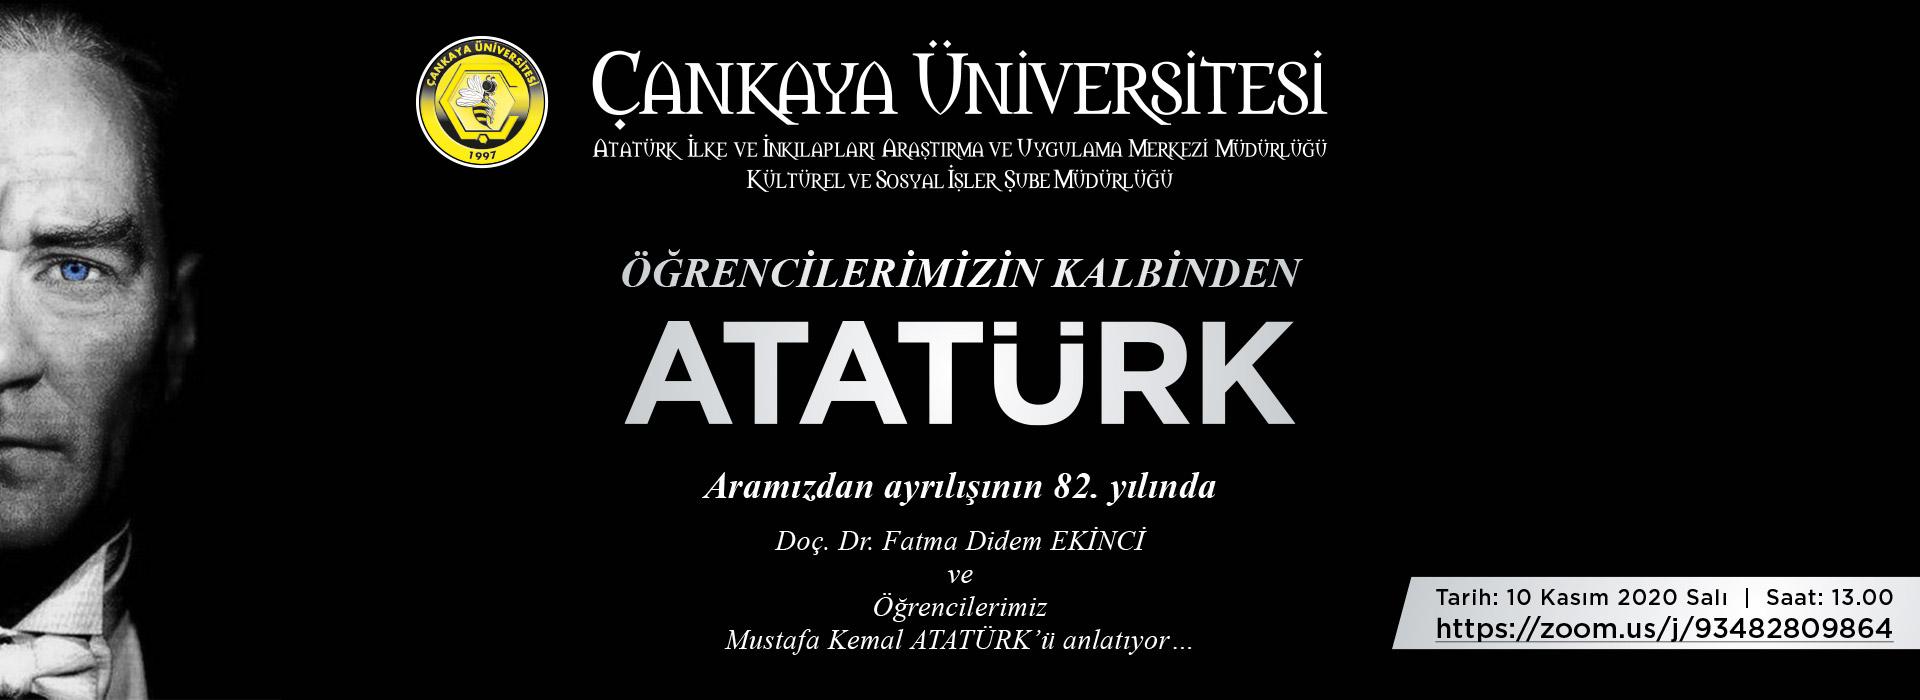 Öğrencilerimizin Kalbinden Atatürk